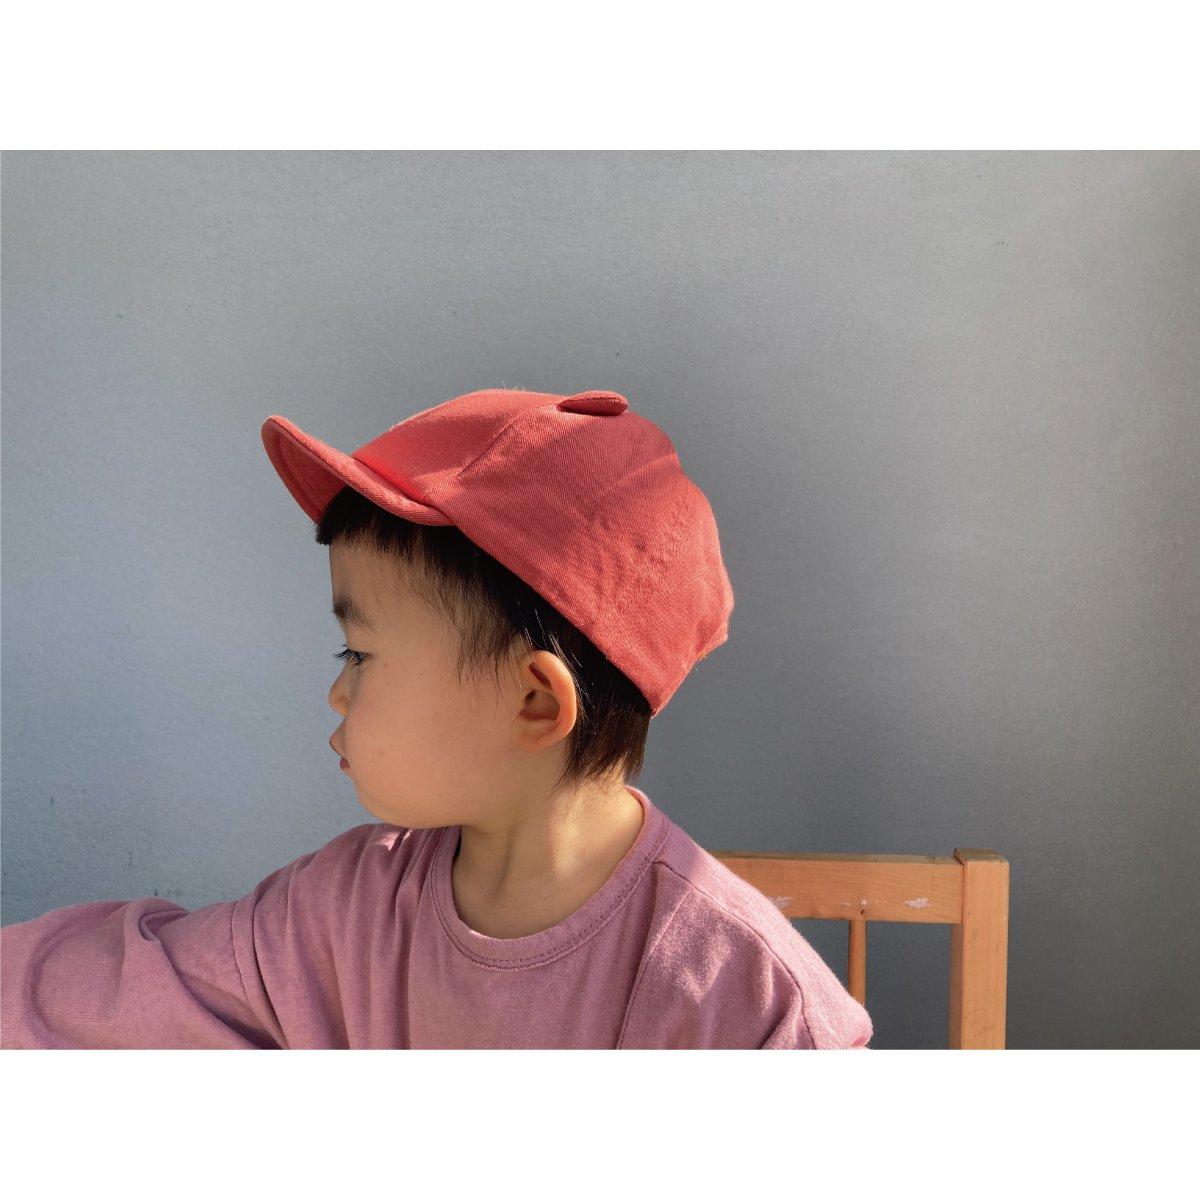 【KIDS】Cat Ear Cap 詳細画像24